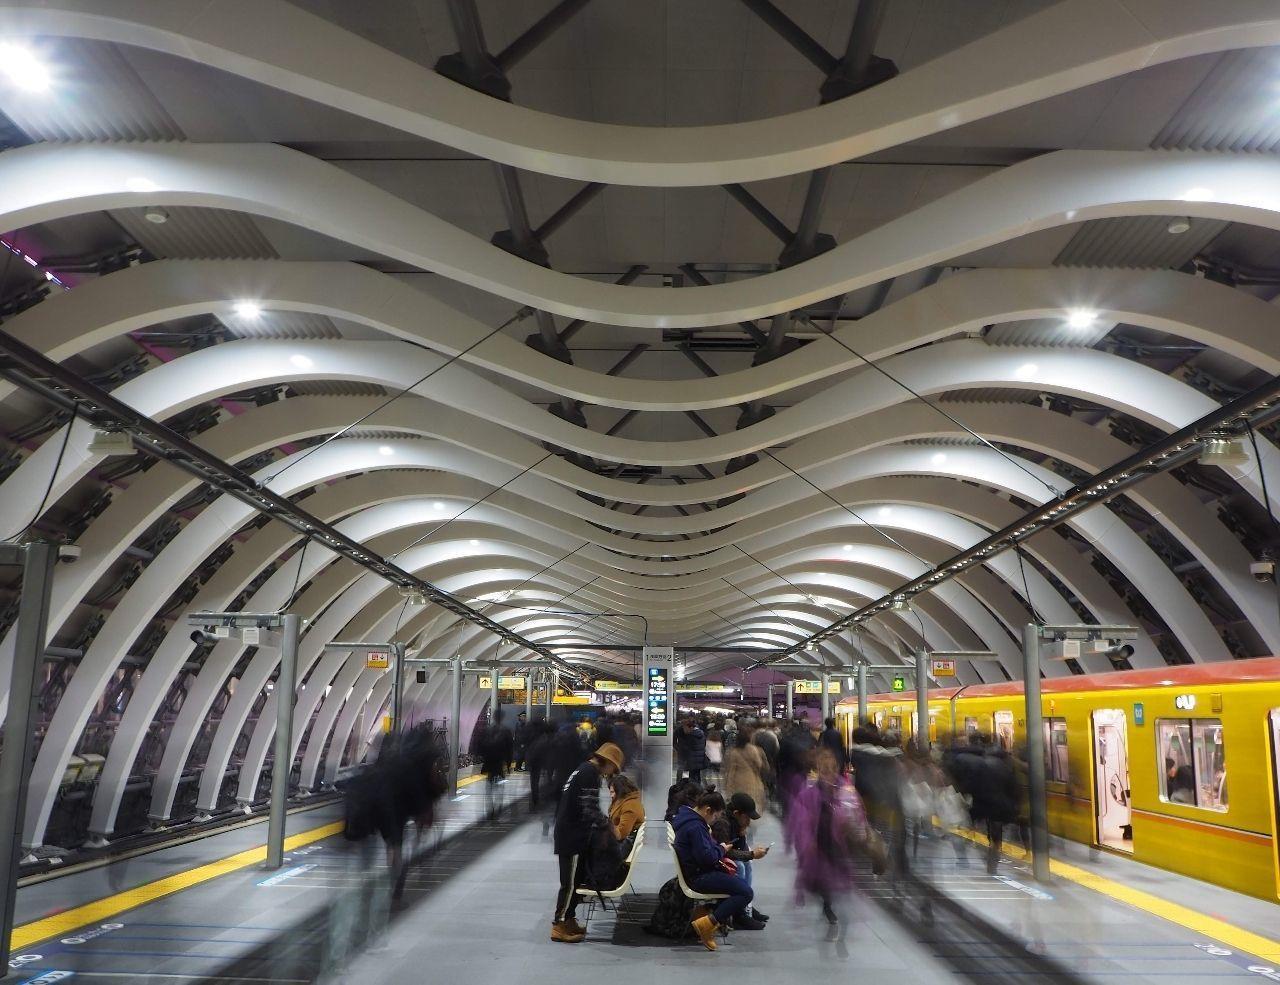 #おでかけ #渋谷駅 #東京メトロ #銀座線